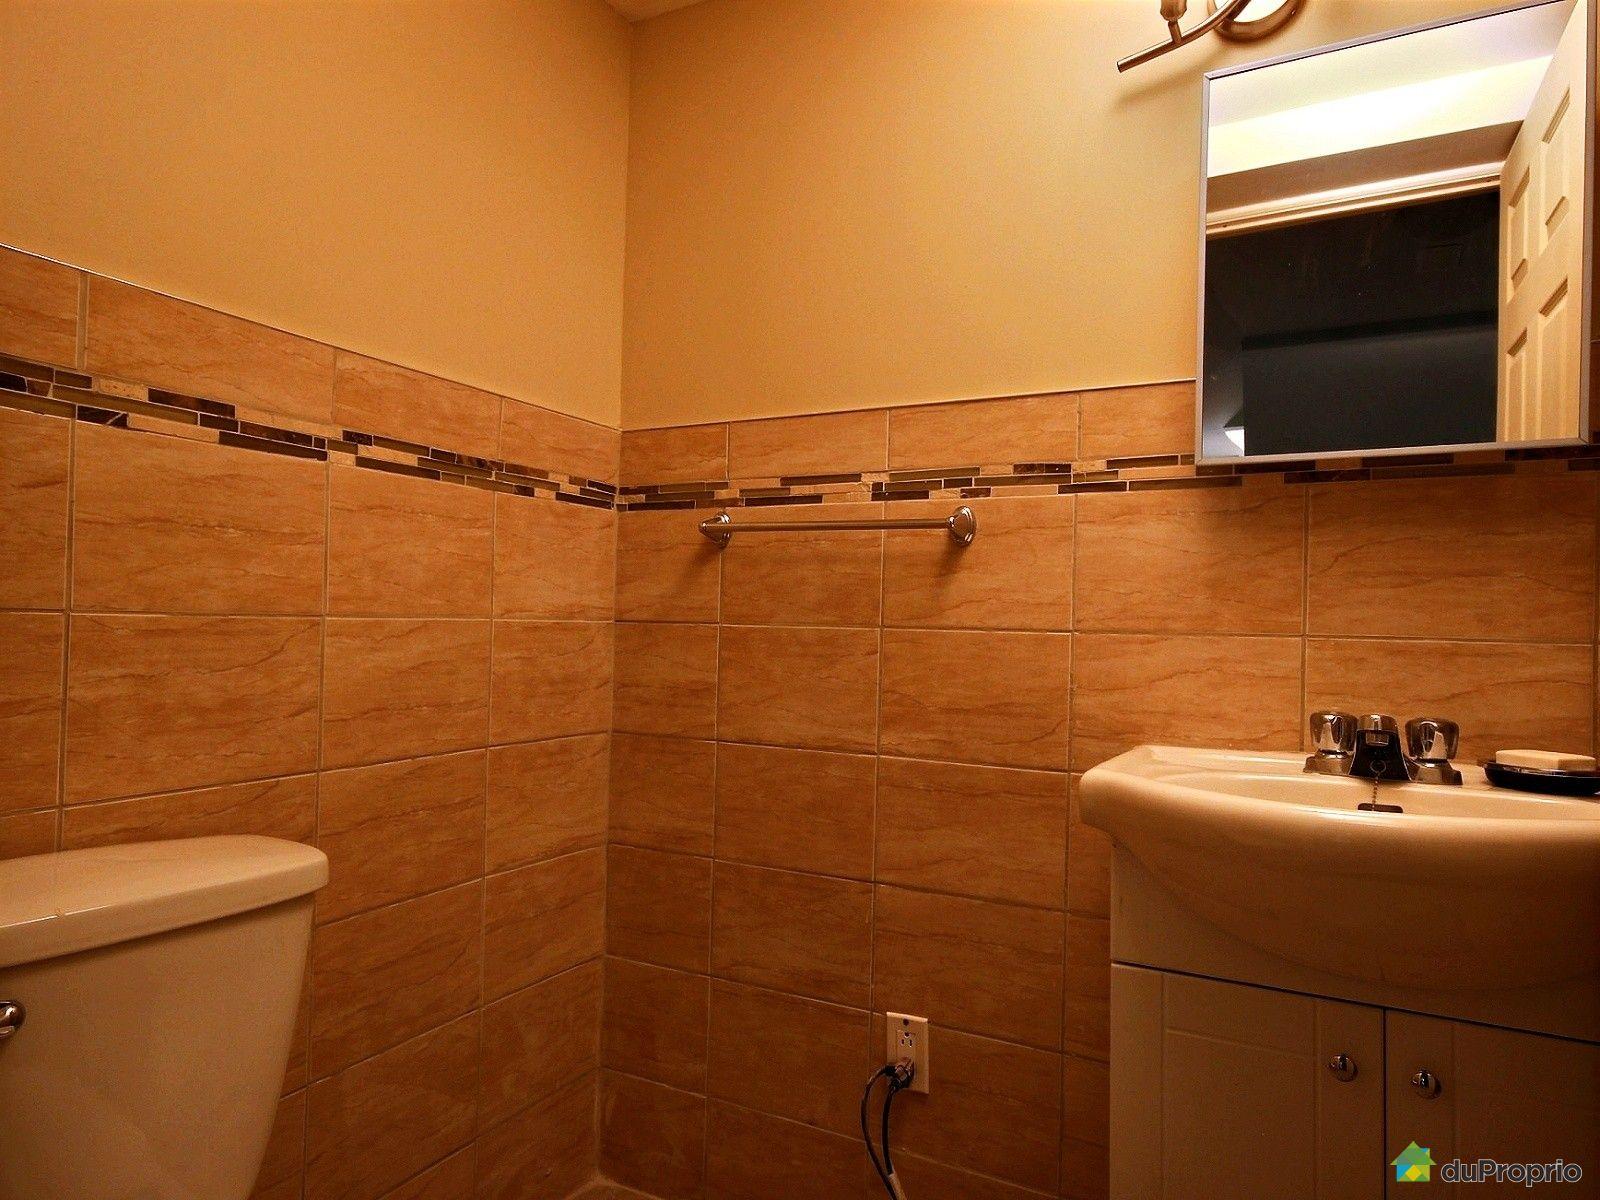 Jumel vendu vaudreuil dorion immobilier qu bec for Plomberie sous sol salle de bain